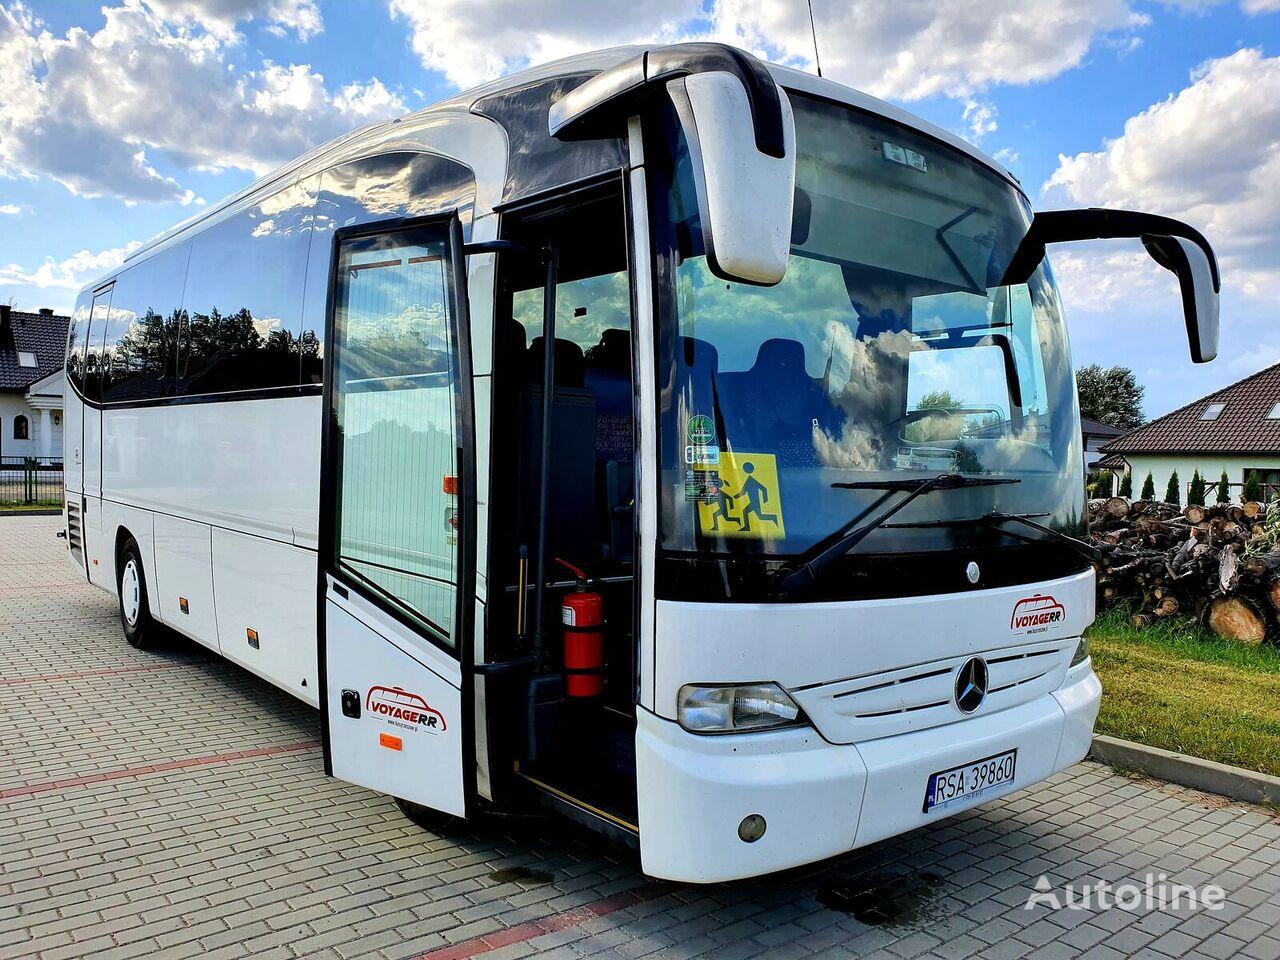 MERCEDES-BENZ Tourino coach bus